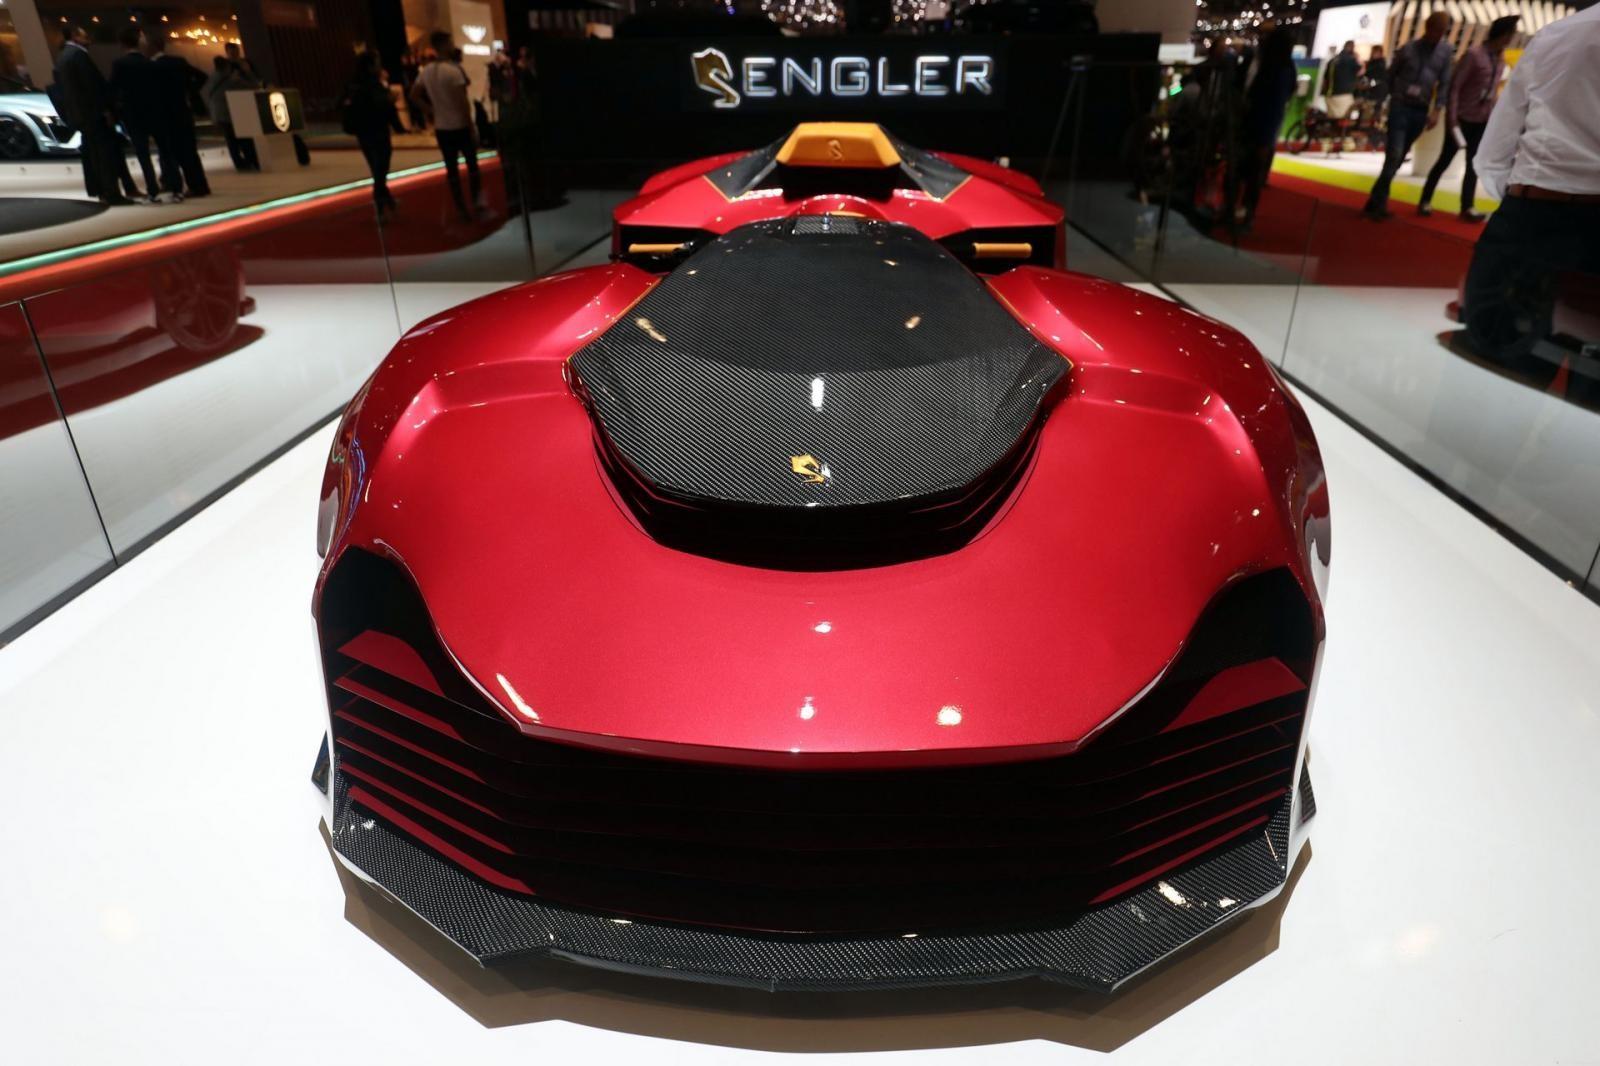 F.F Superquad có thể nói là mẫu xe lai tạo quái nhất ở Geneva 2019